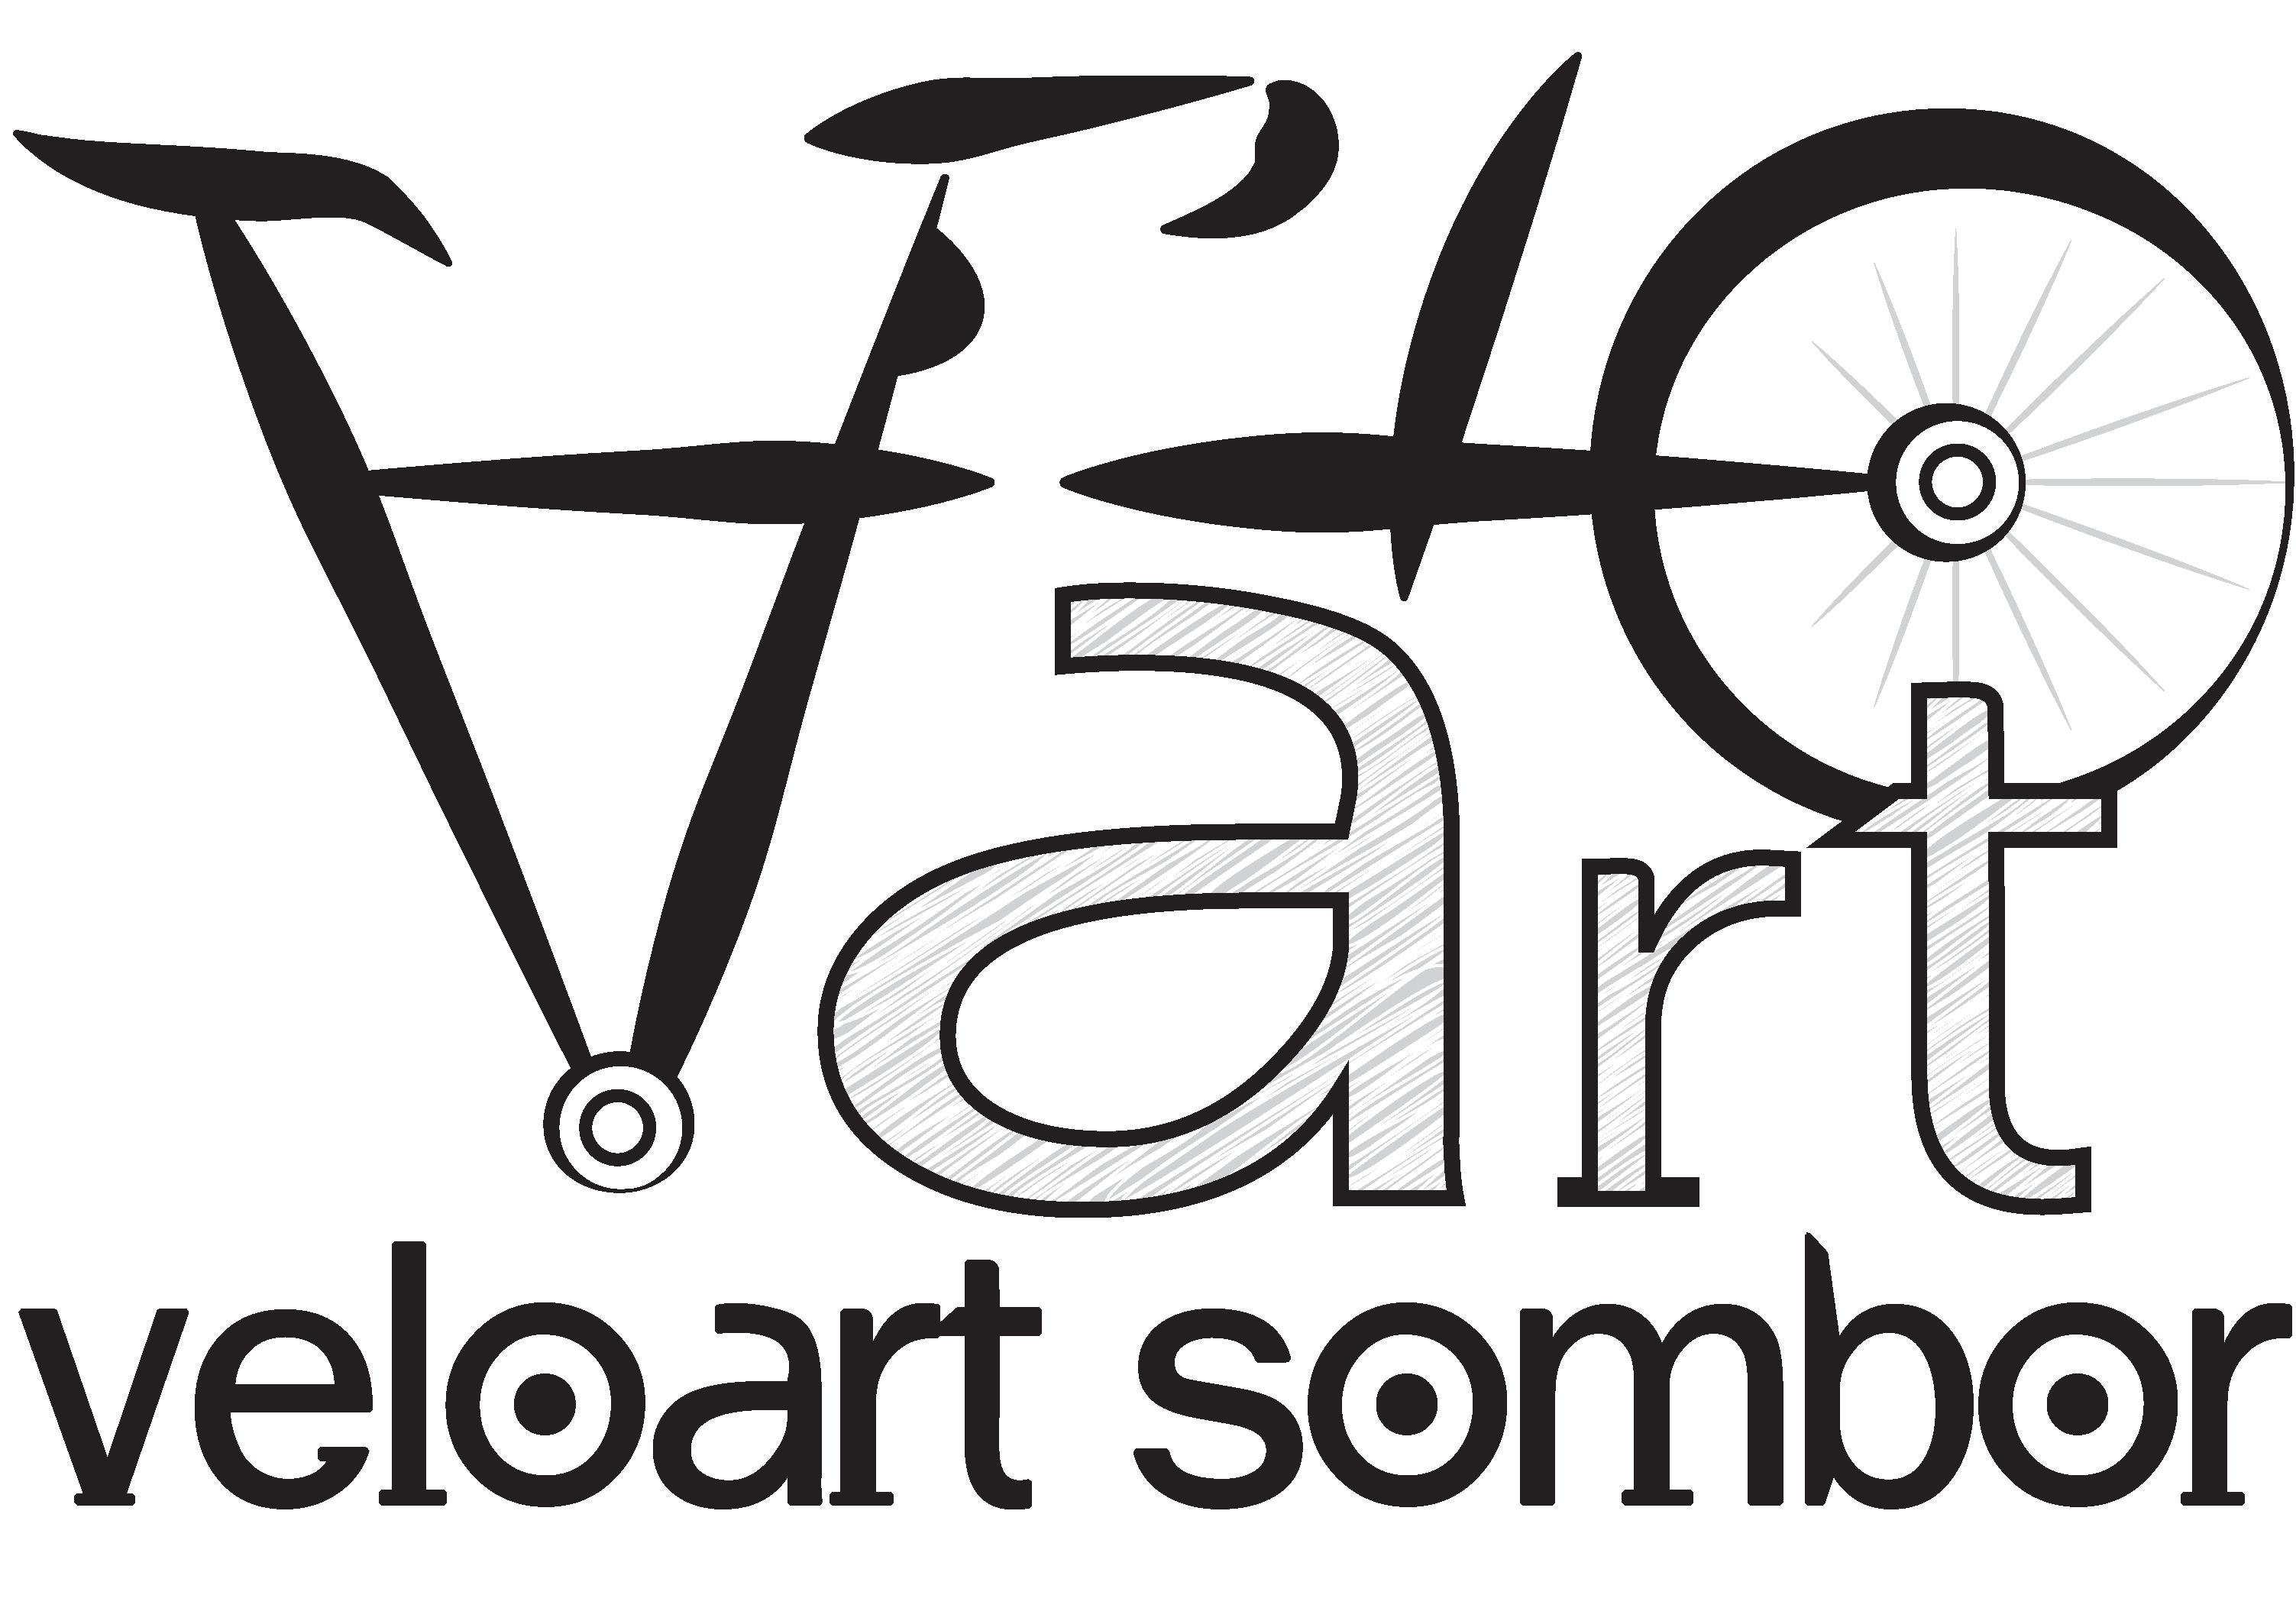 VeloArt Sombor